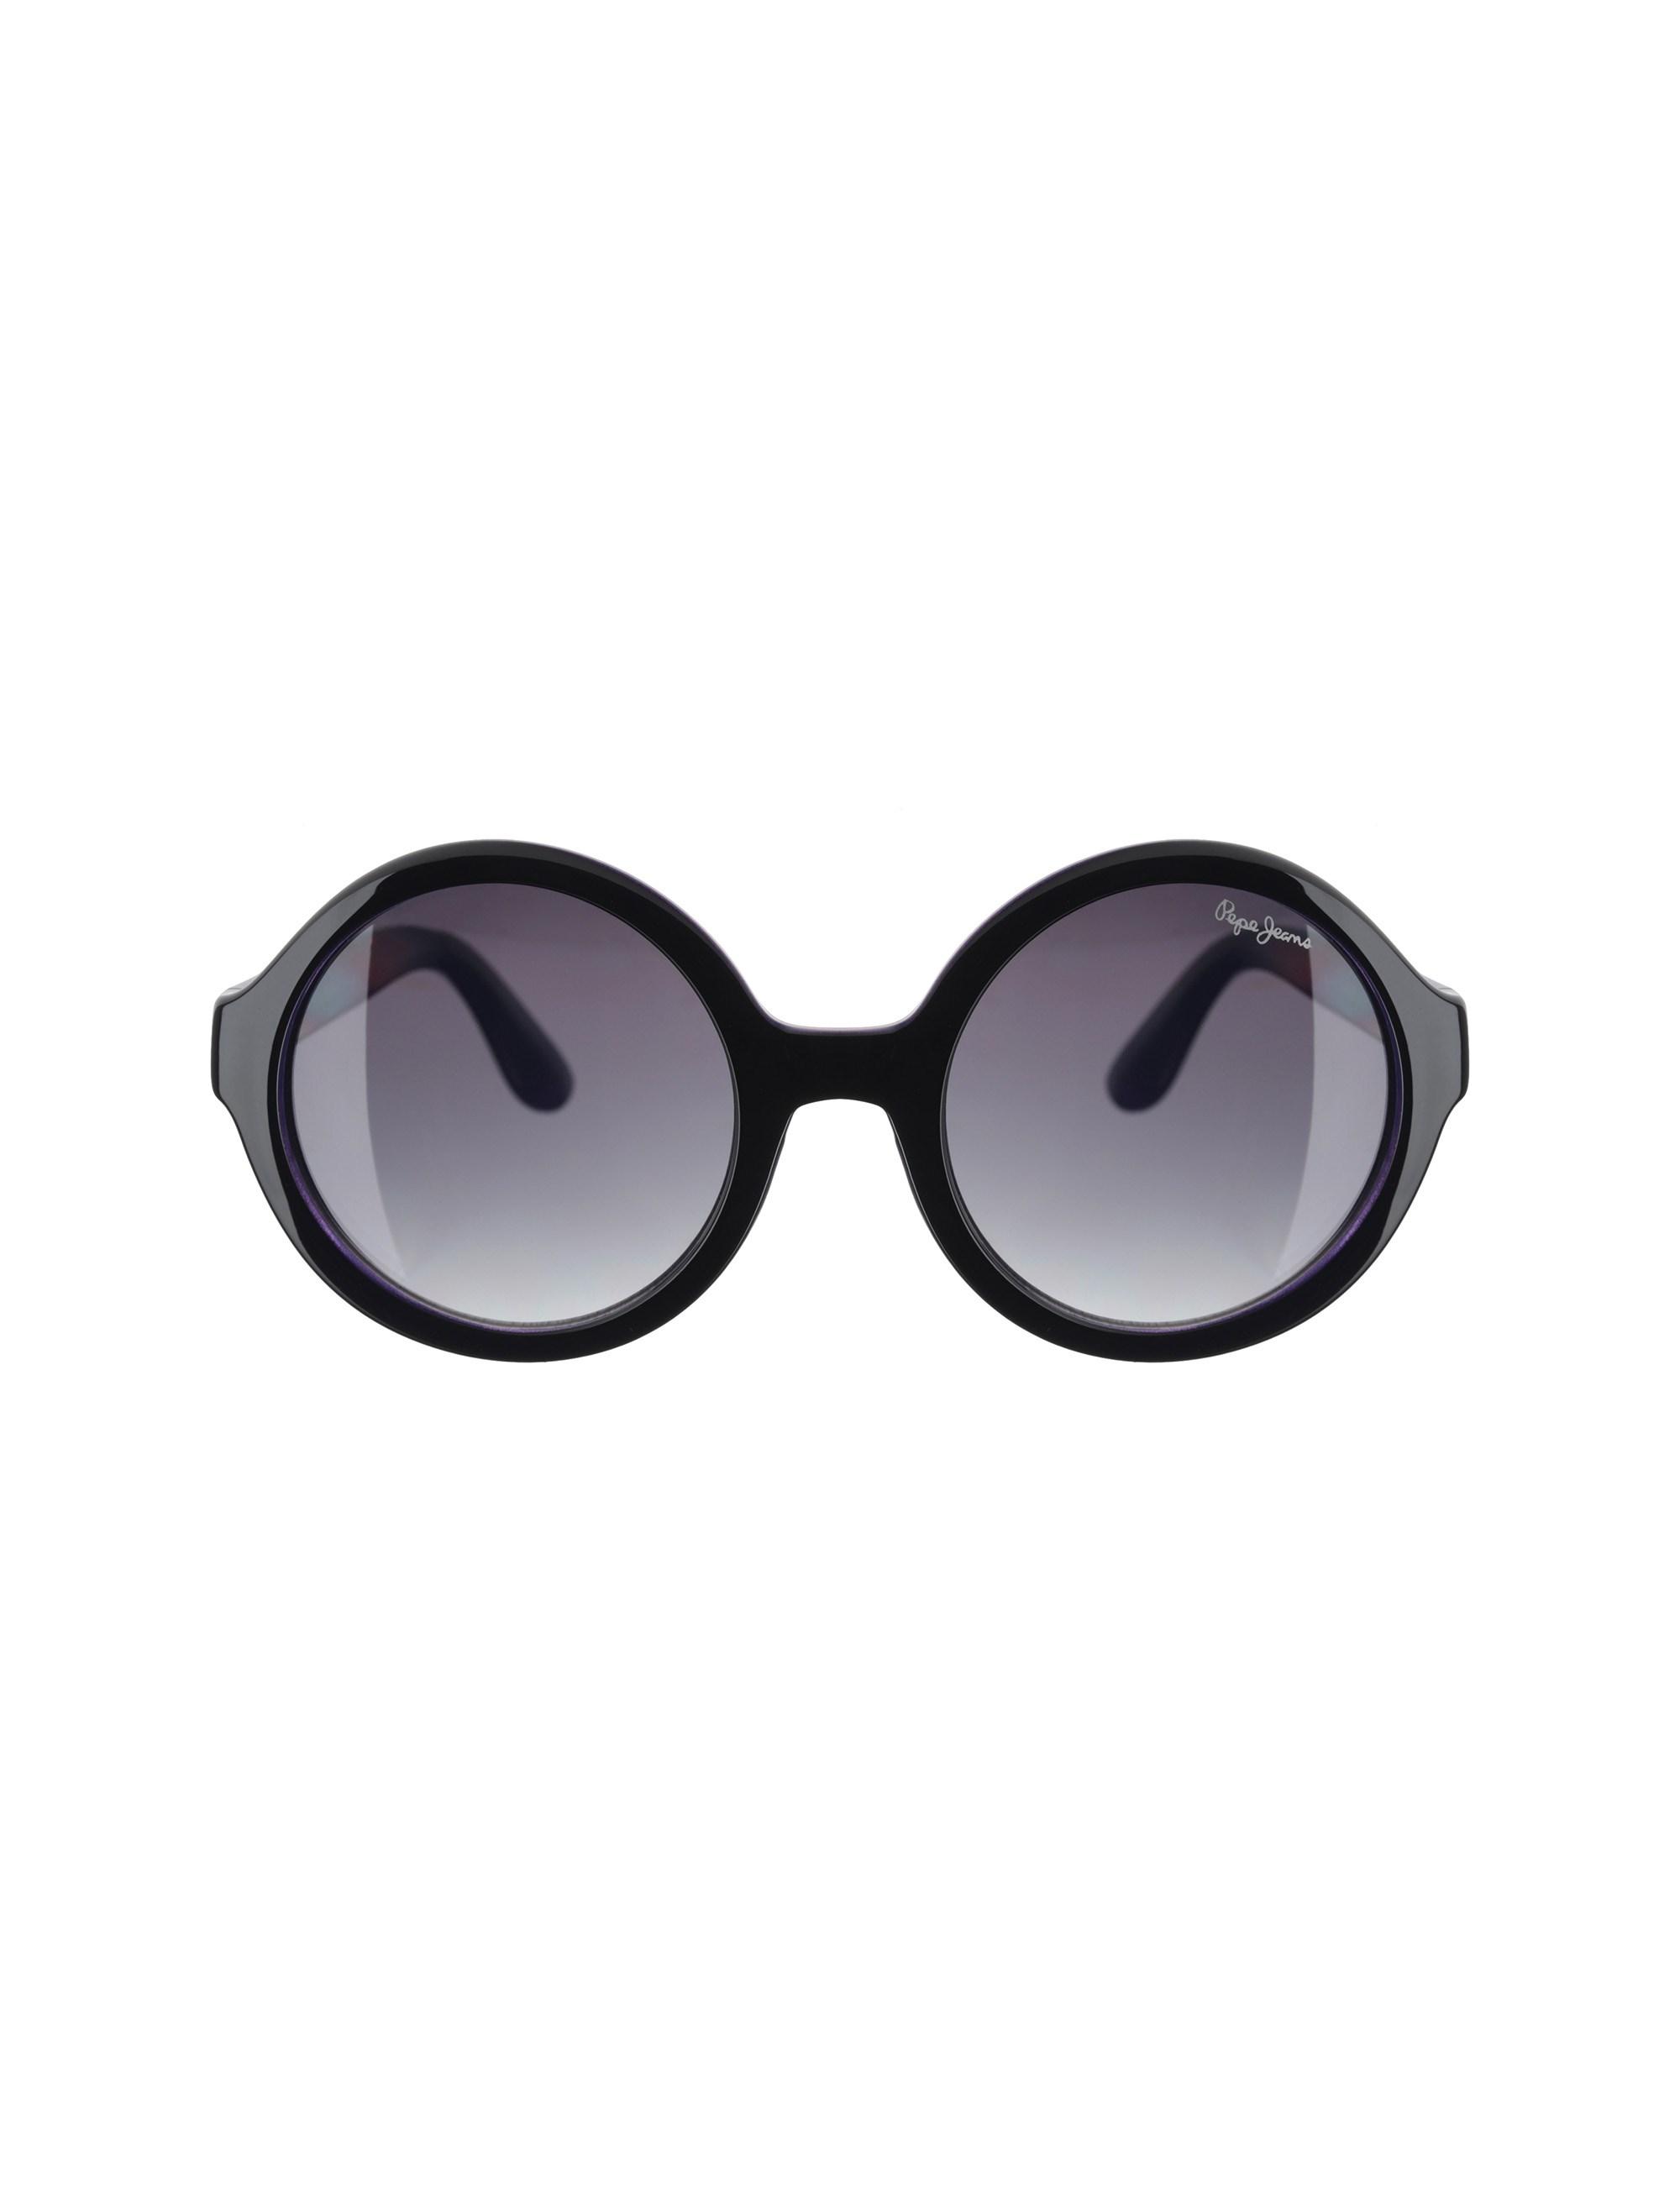 عینک آفتابی گرد دخترانه - مشکي - 1